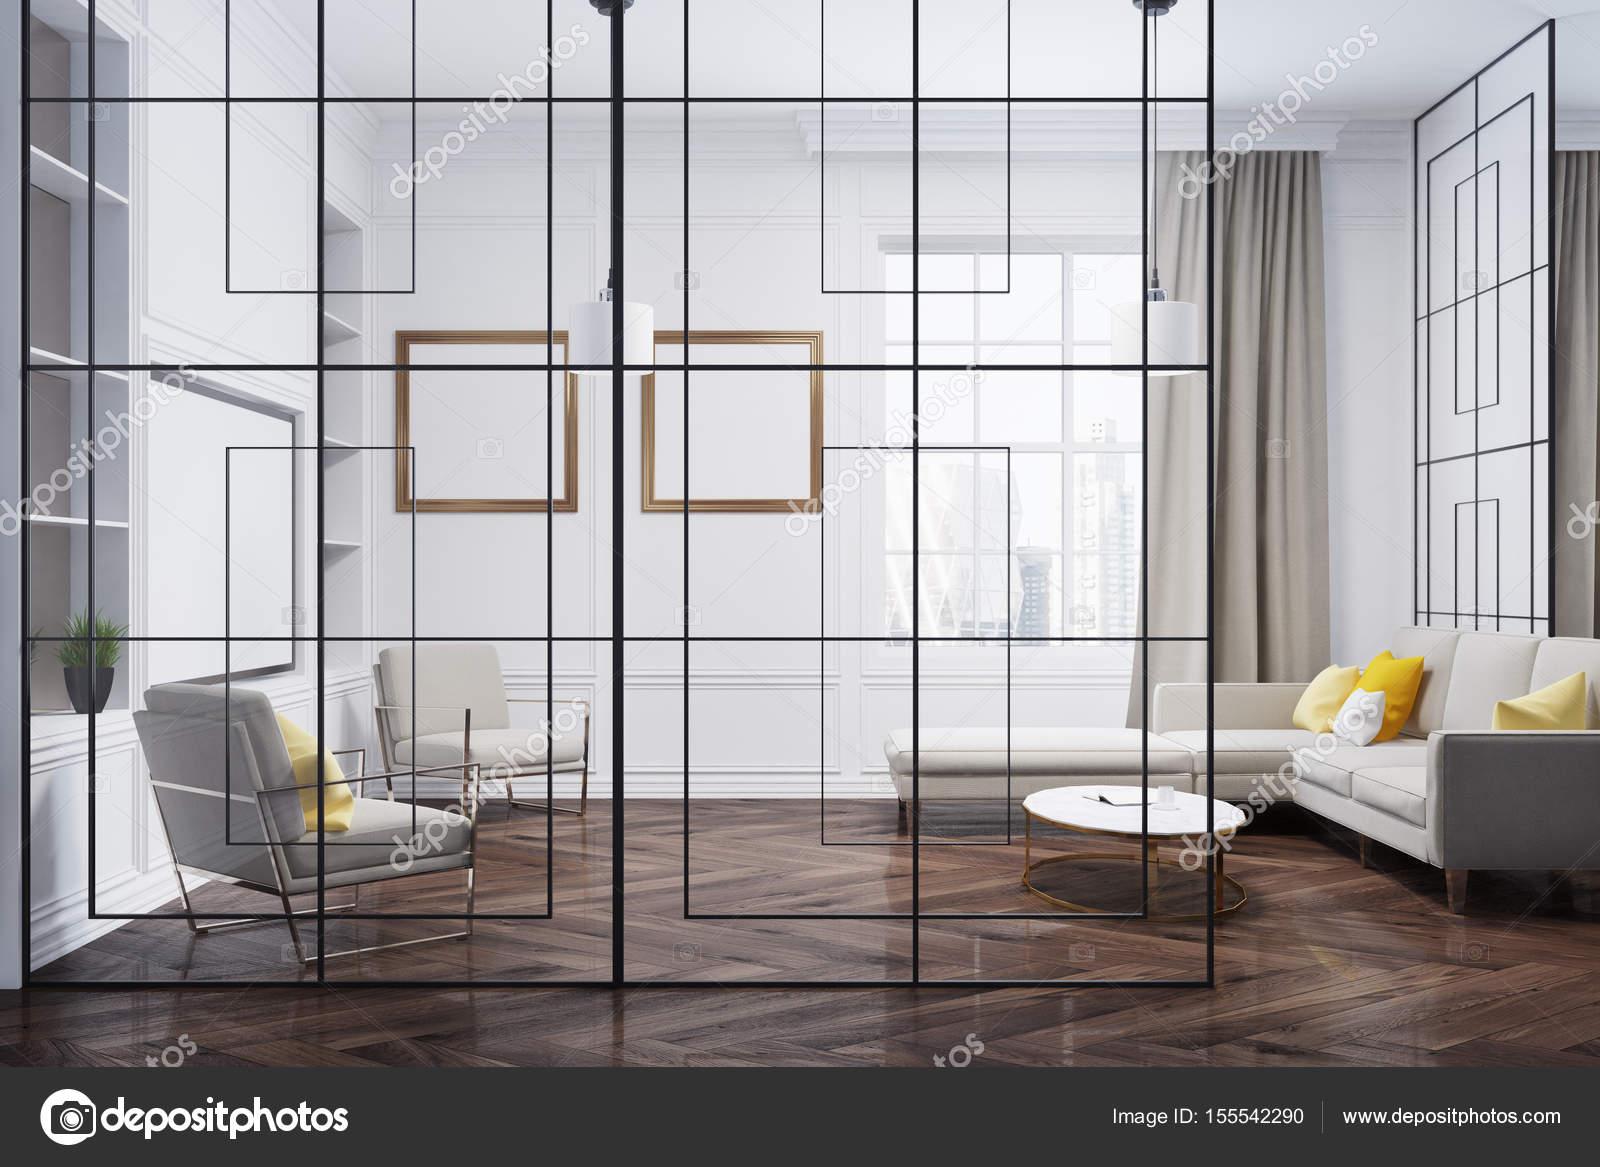 Glas-Wand-Galerie-Wohnzimmer — Stockfoto © denisismagilov #155542290